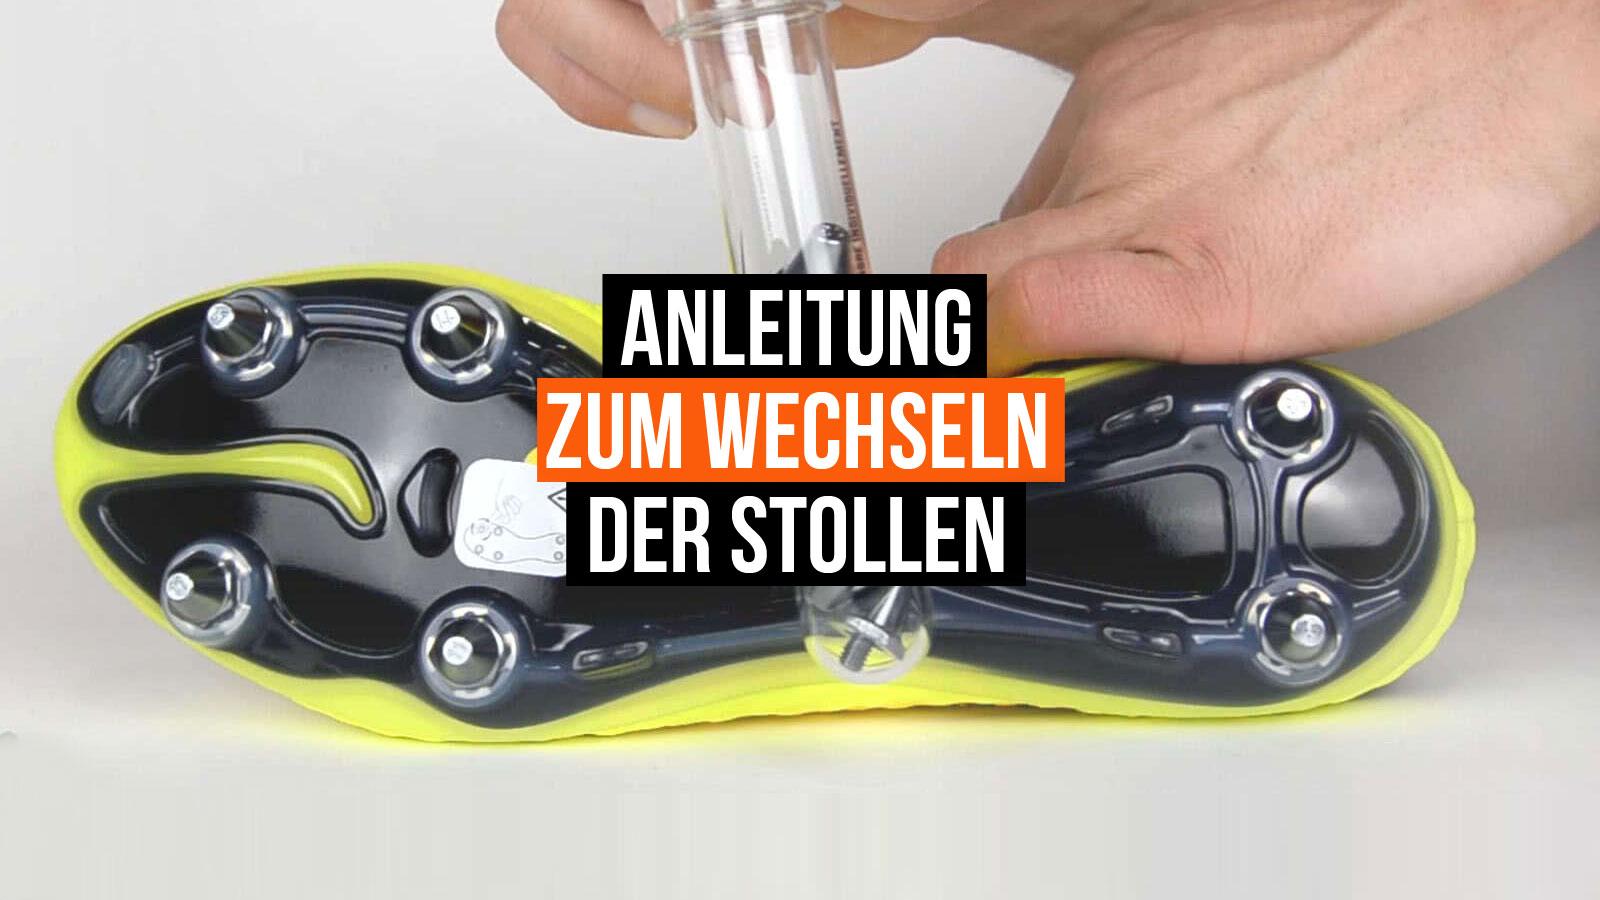 neue hohe Qualität Beste Herbst Schuhe Tipps: Fußballschuhe Stollen wechseln - Sportartikel und ...